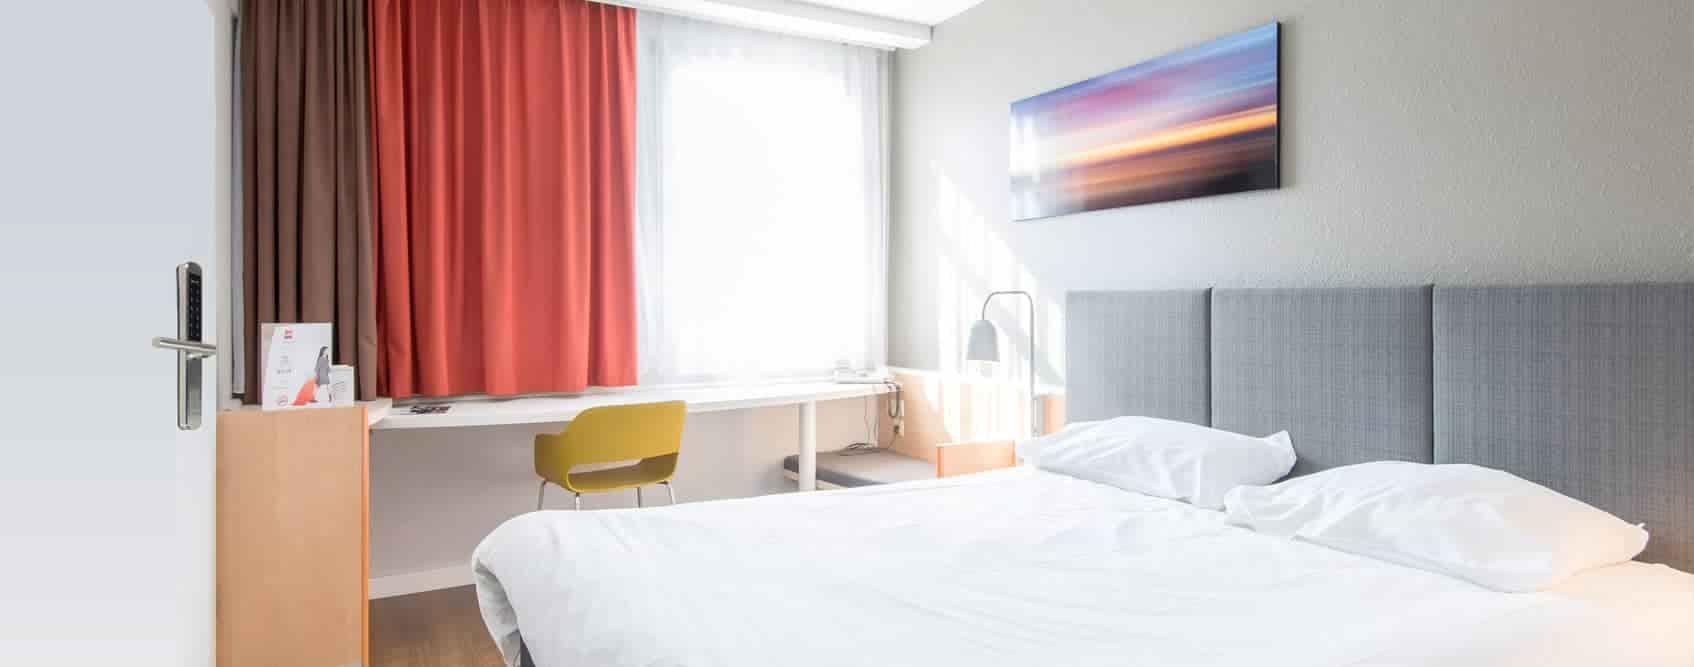 Cerradura electronica para hotel